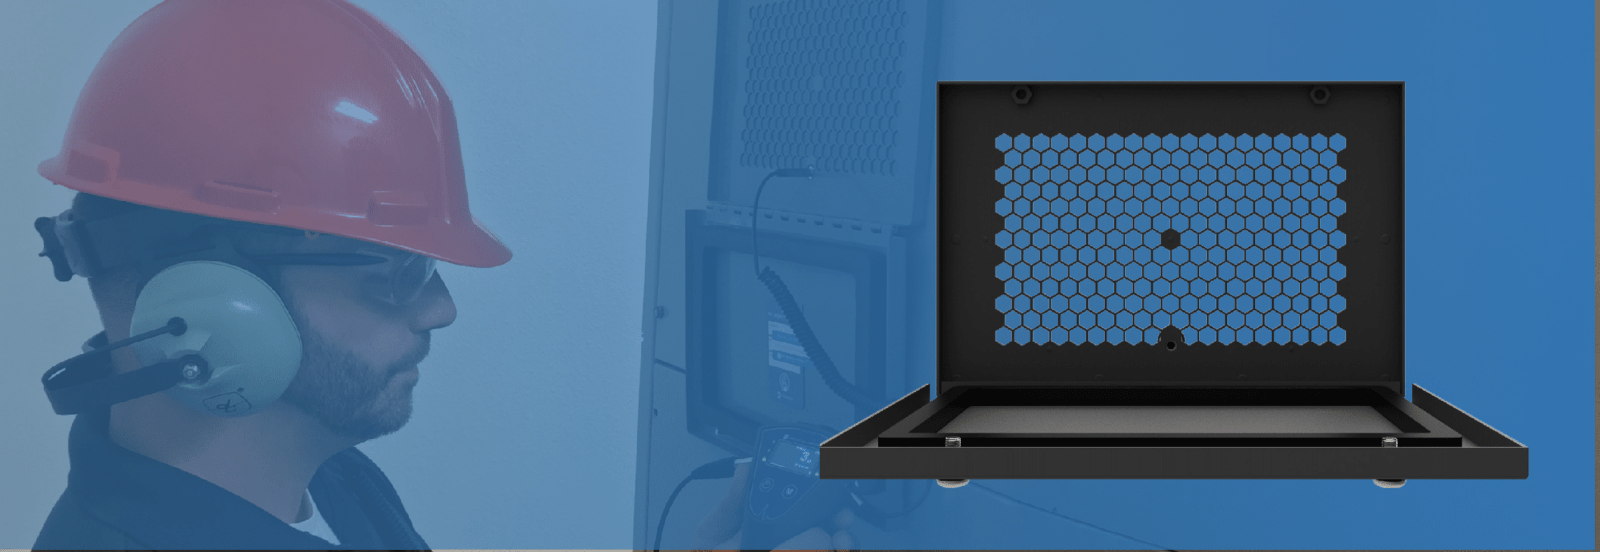 ИНФРАКРАСНЫЕ (ИК) ОКНА  – новый уровень тепловизионного обследования высоковольтного оборудования